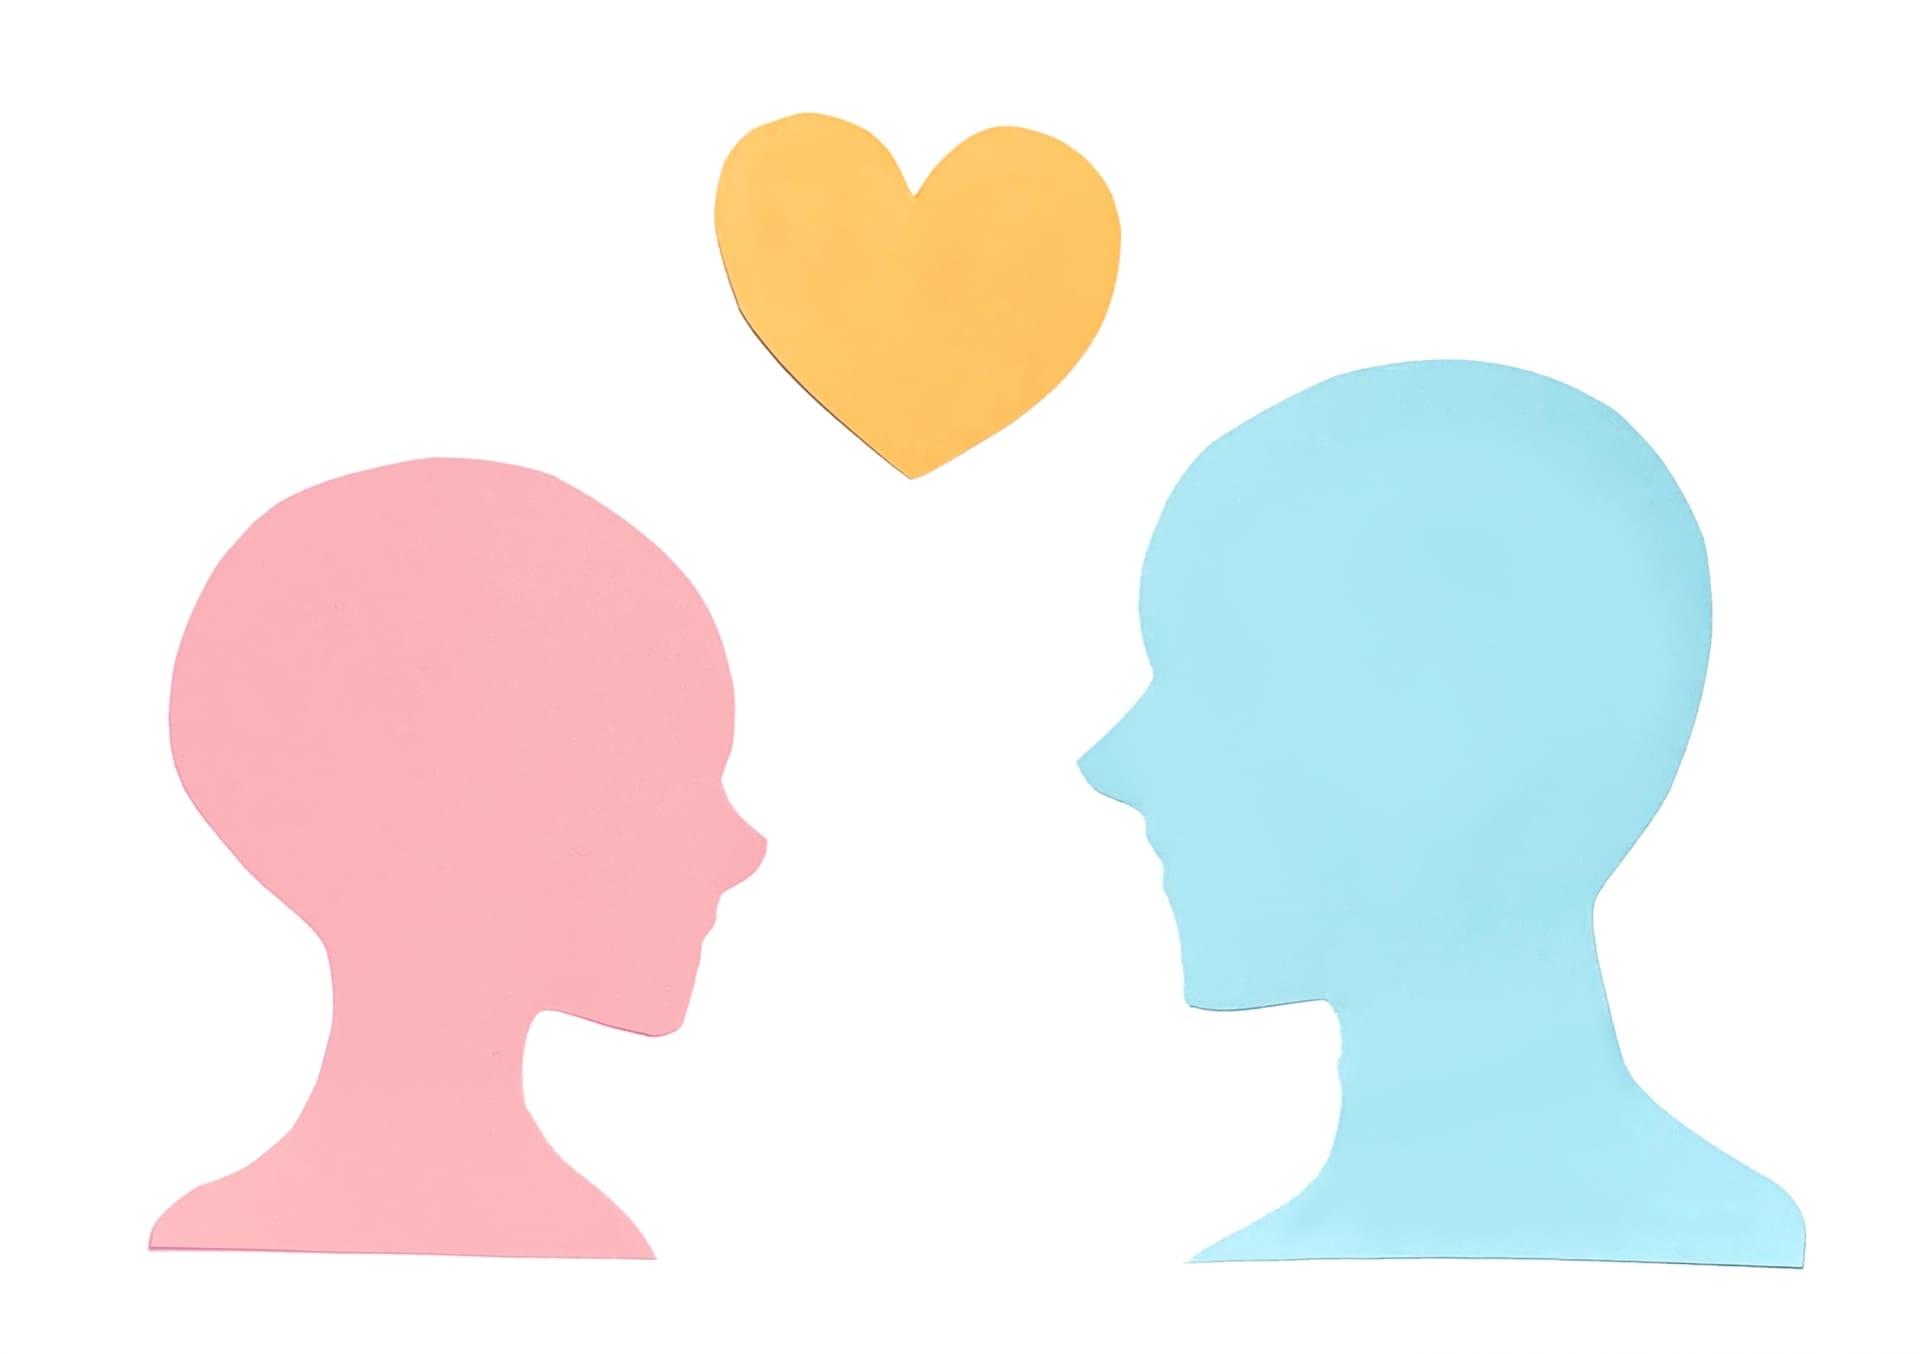 あなたを好きな人占い|今あなたを好きな異性は誰?姿・年齢・名…その特徴